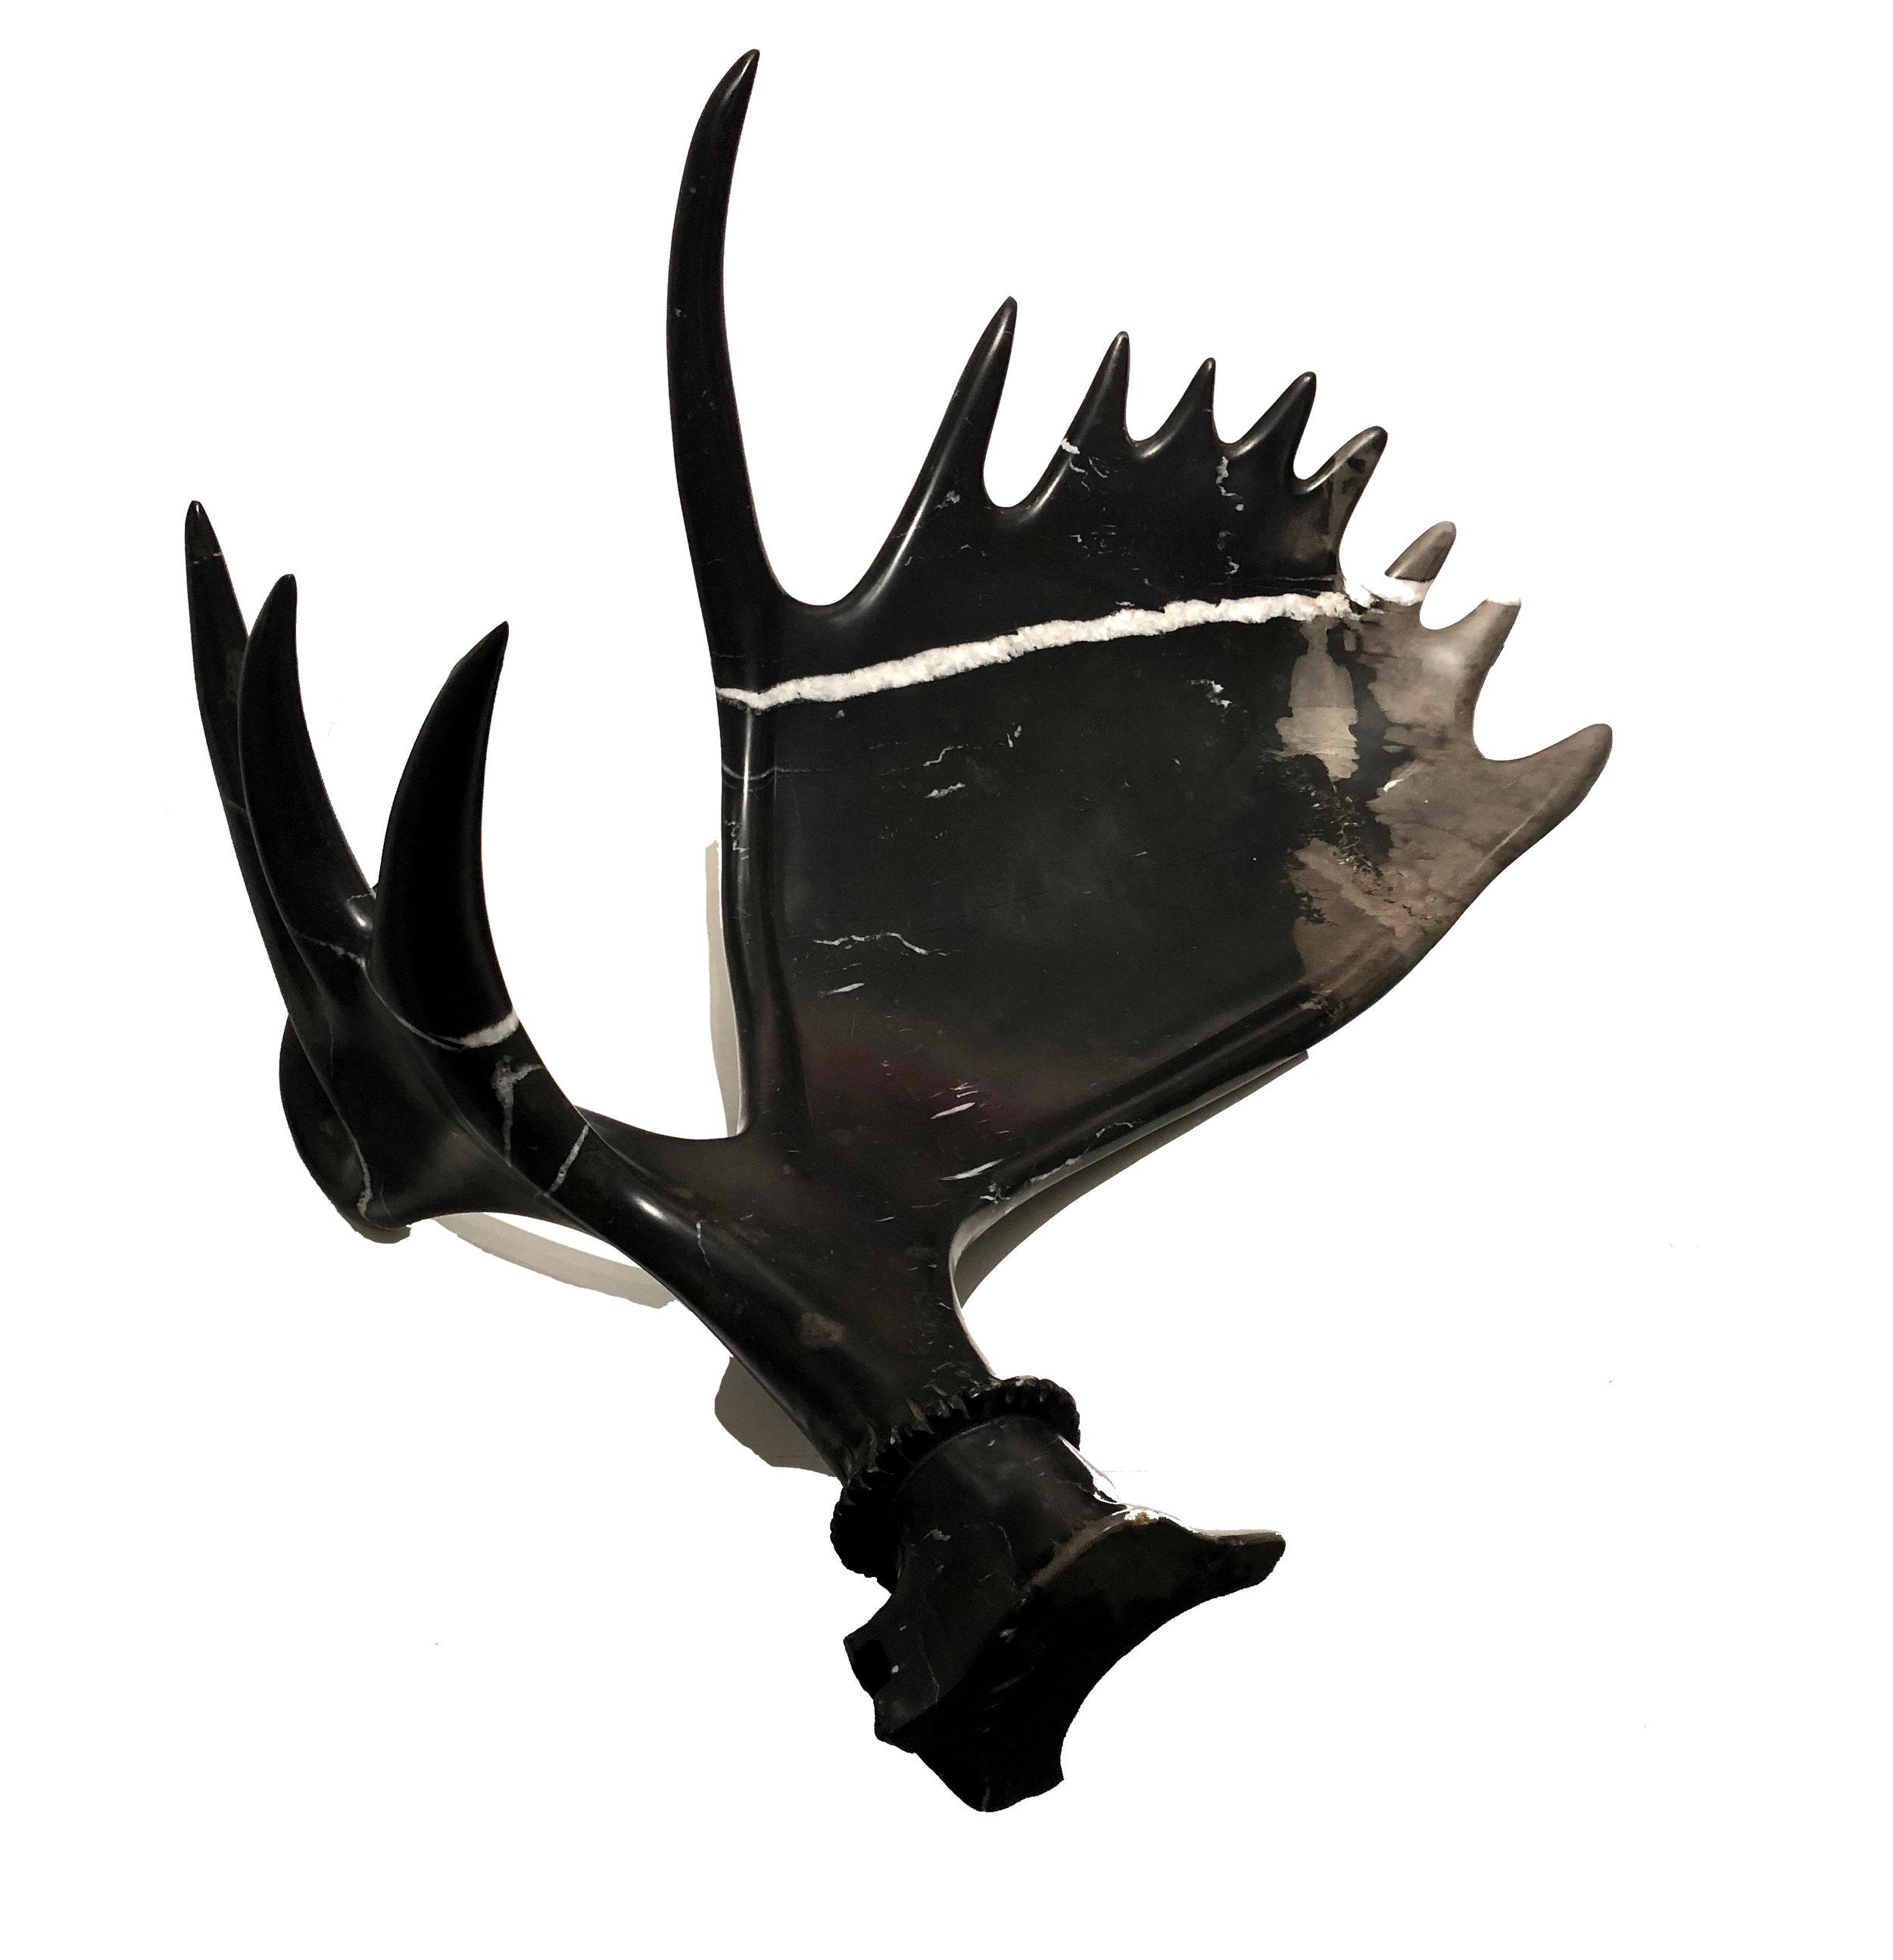 KL_Moose Antler II_Black Marble02.jpg